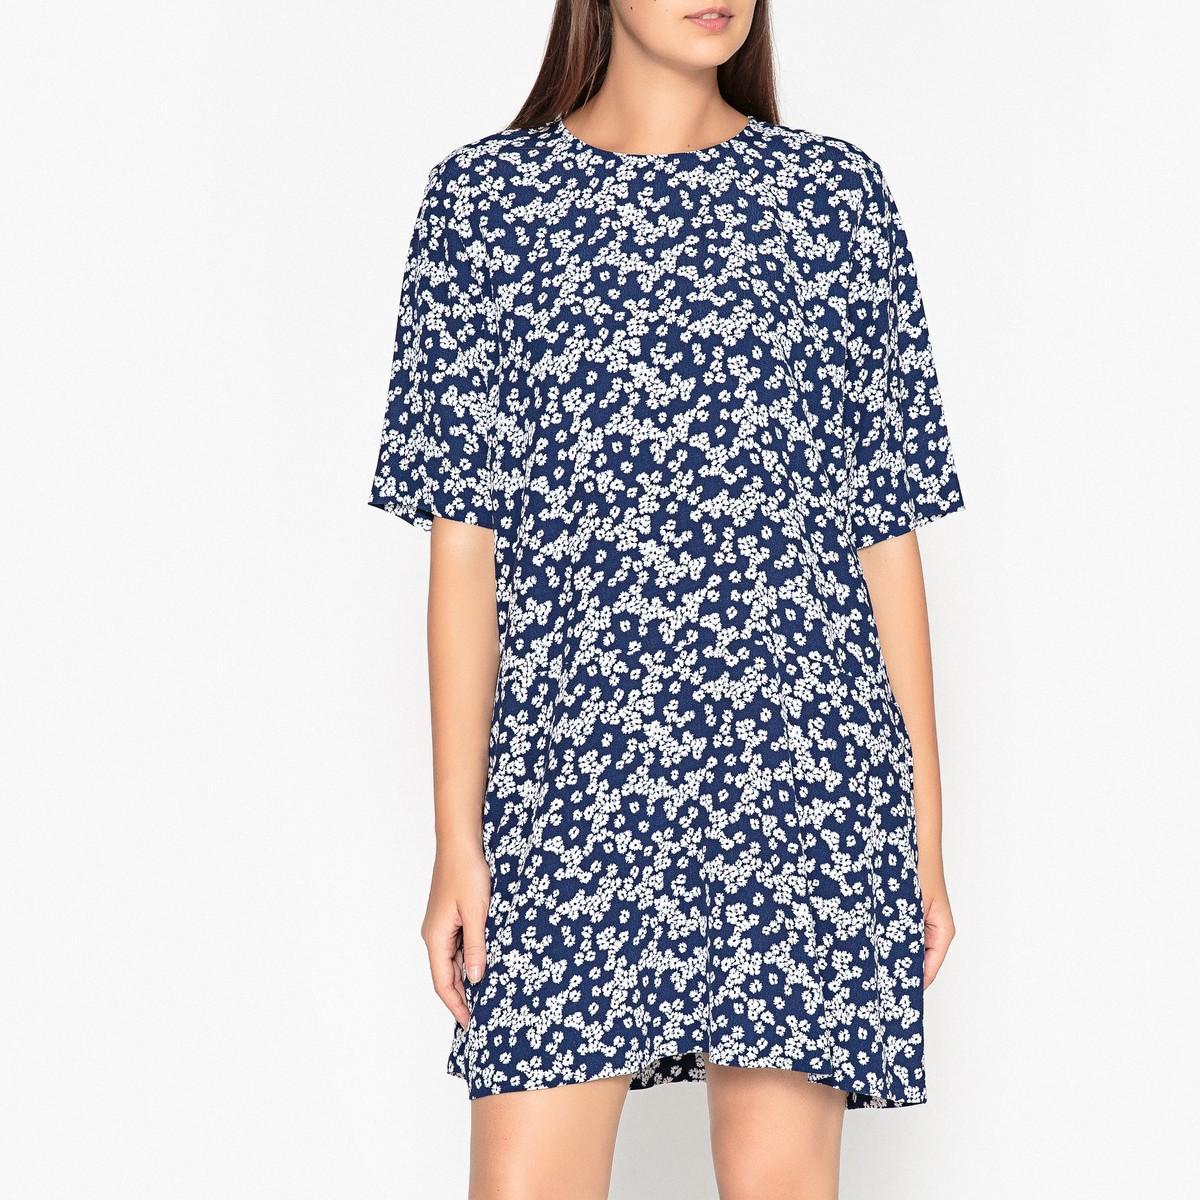 Платье  наб. рисунок синий цвета